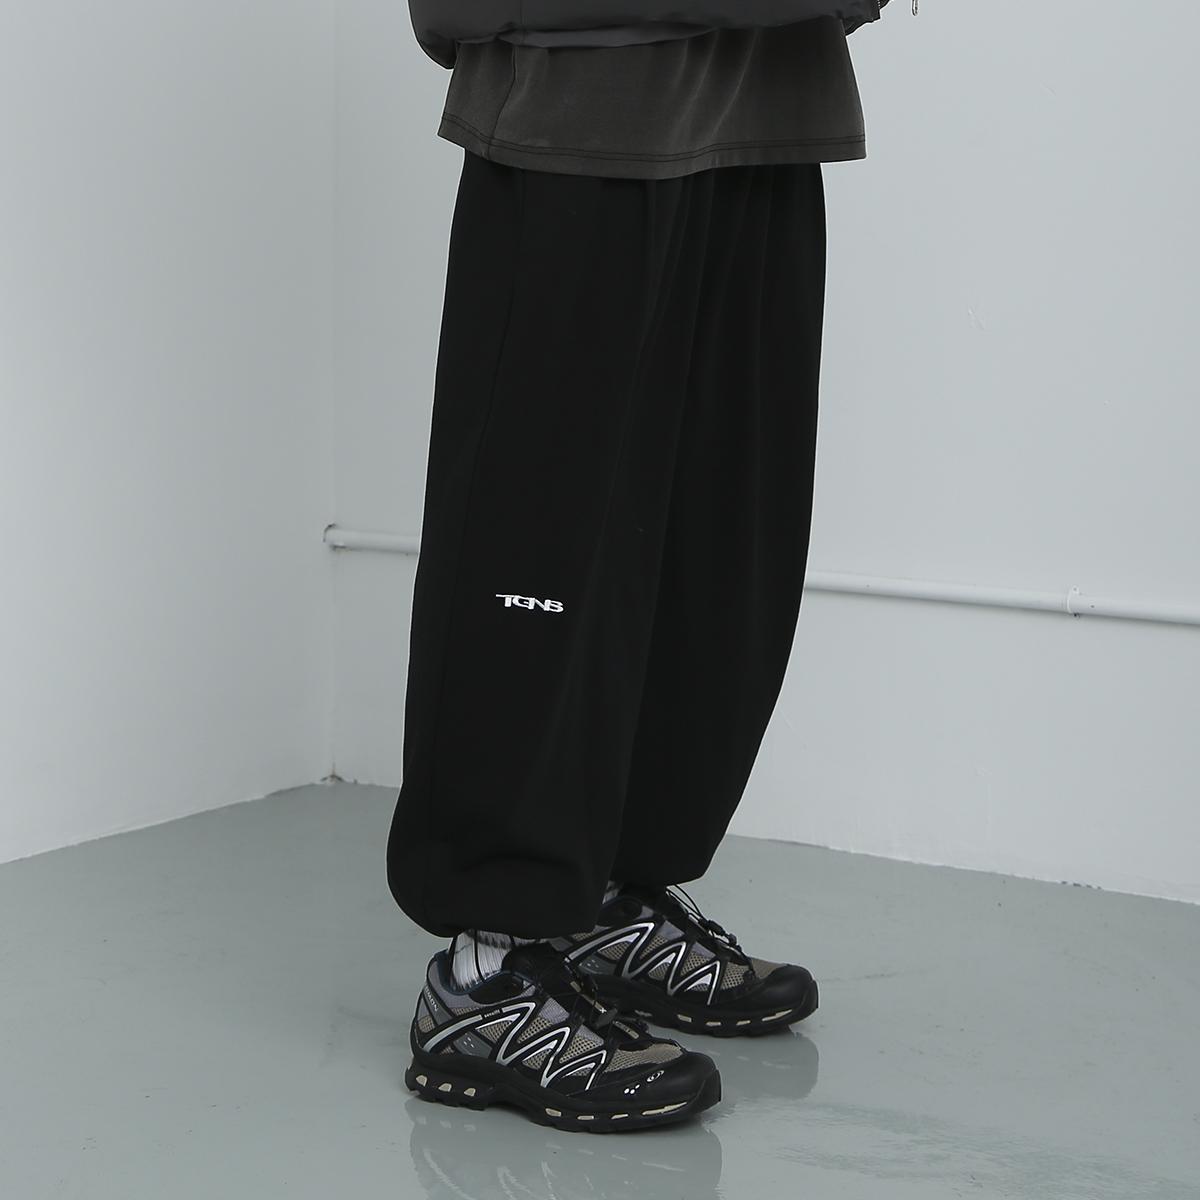 【2GUNS官方网店】潮牌廓形工装卫裤宽松百搭裤子抽绳束脚裤男女